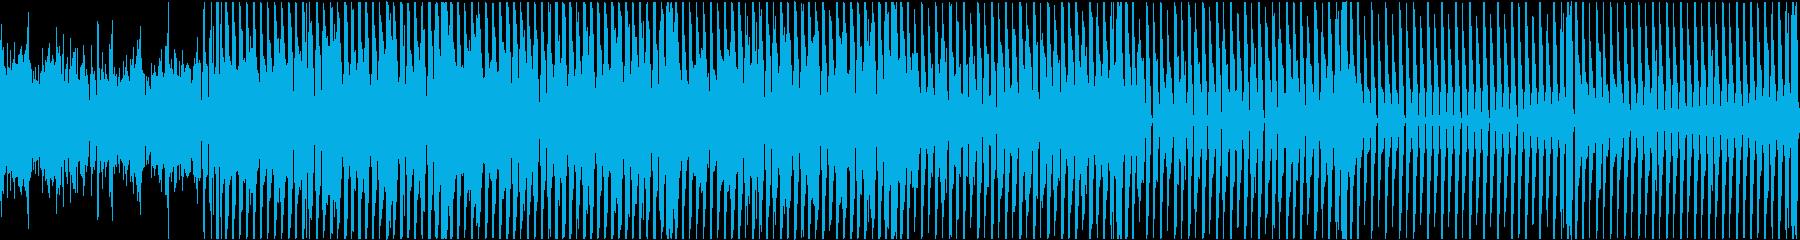 80年代 ディスコ ハウス ダンス LPの再生済みの波形